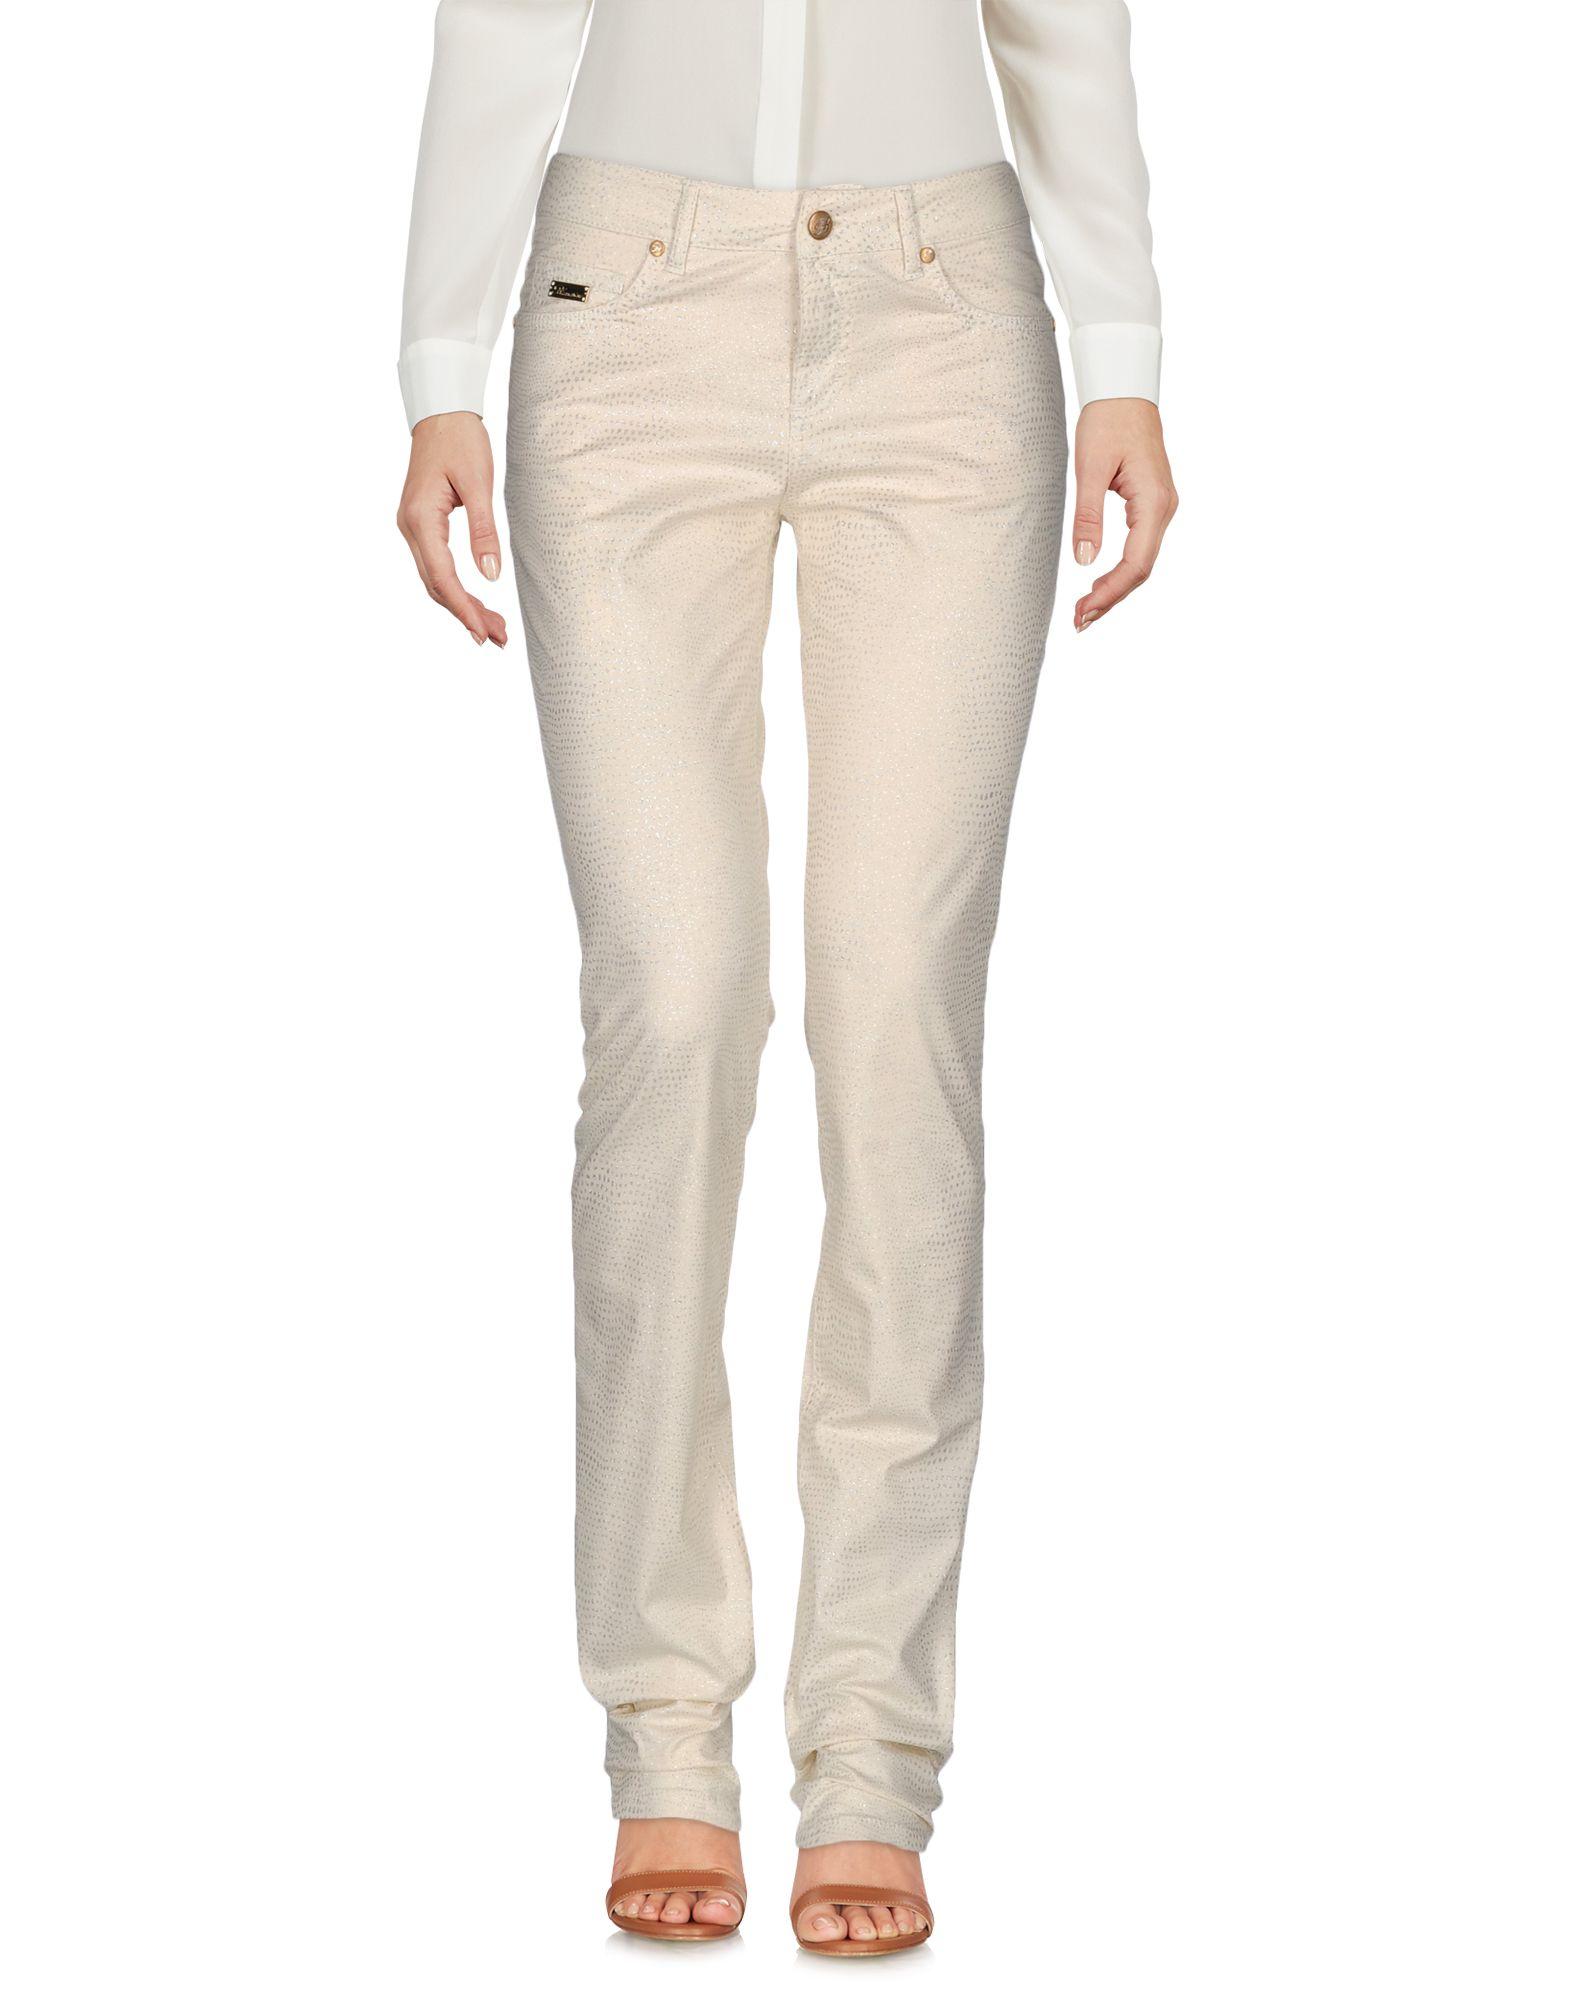 BLUMARINE Damen Hose Farbe Beige Größe 3 - broschei